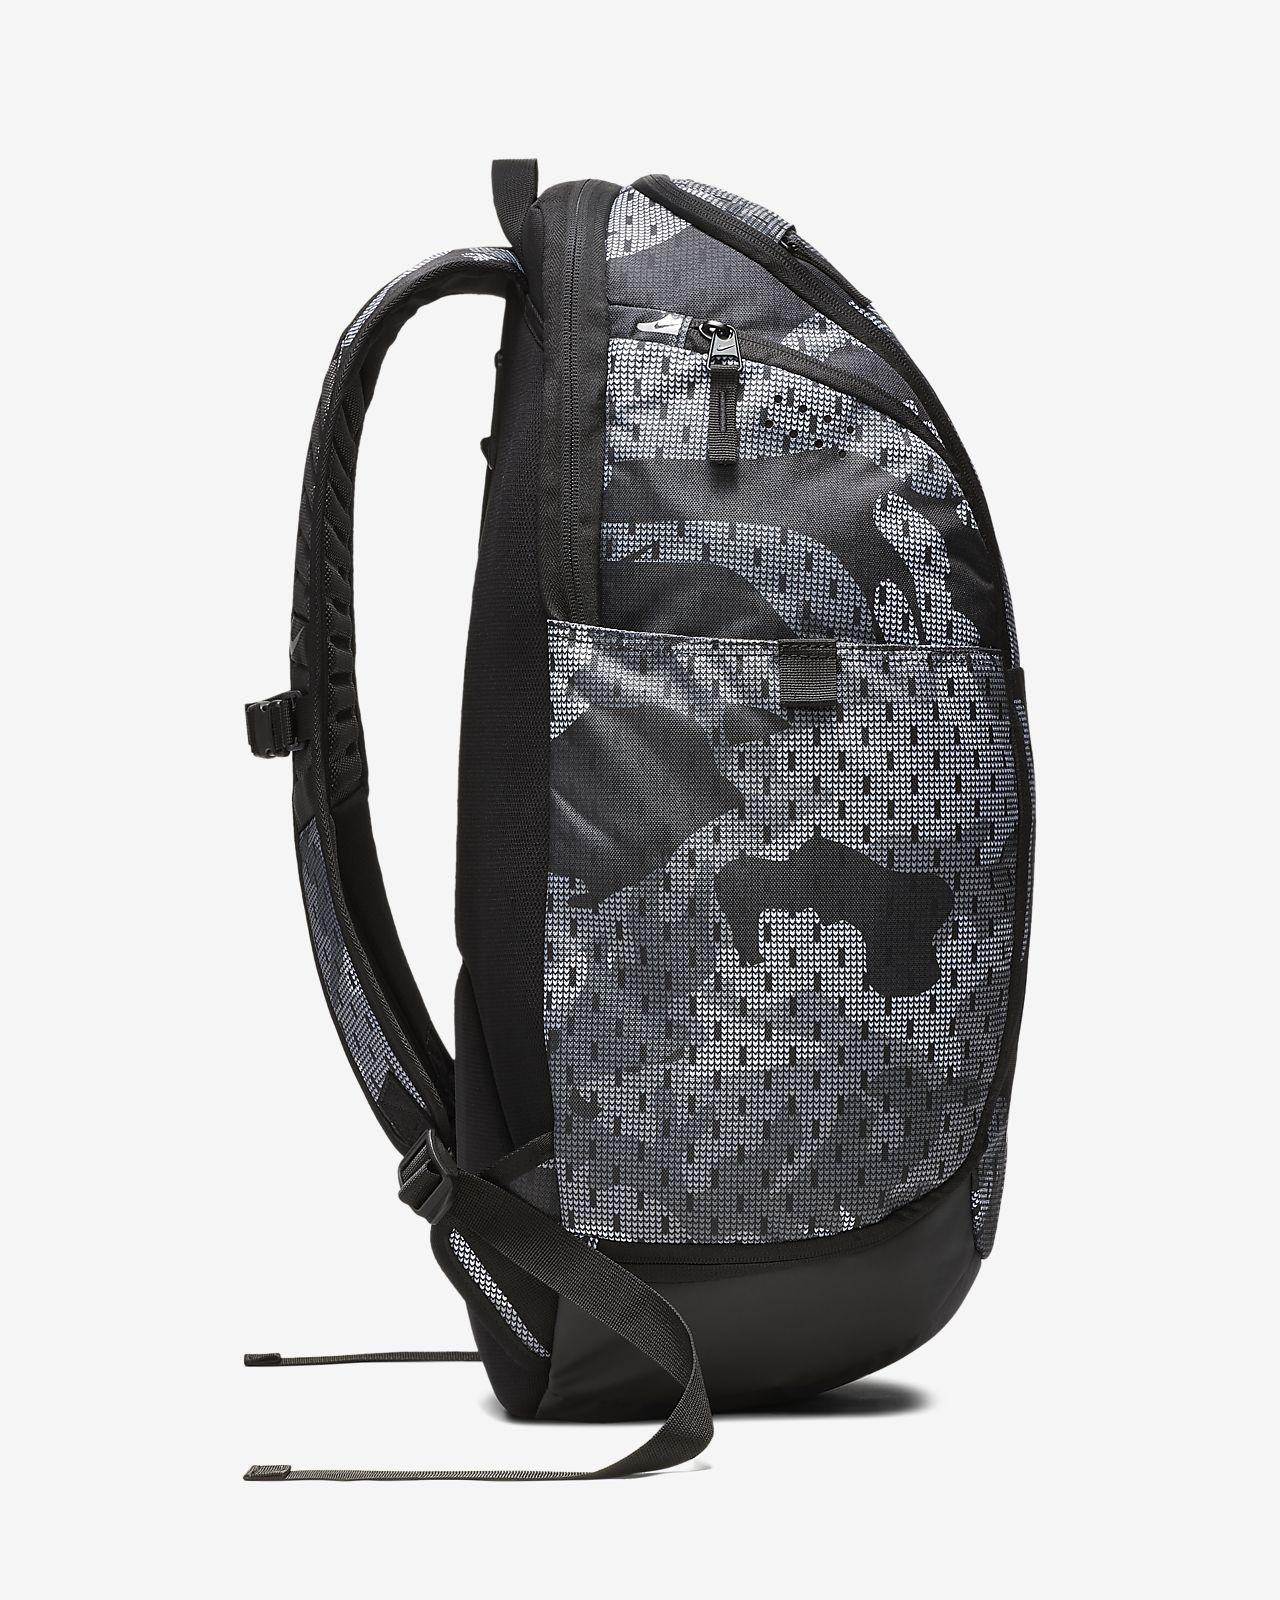 c1cf0df7767e5 nike elite backpack pink and black Sale